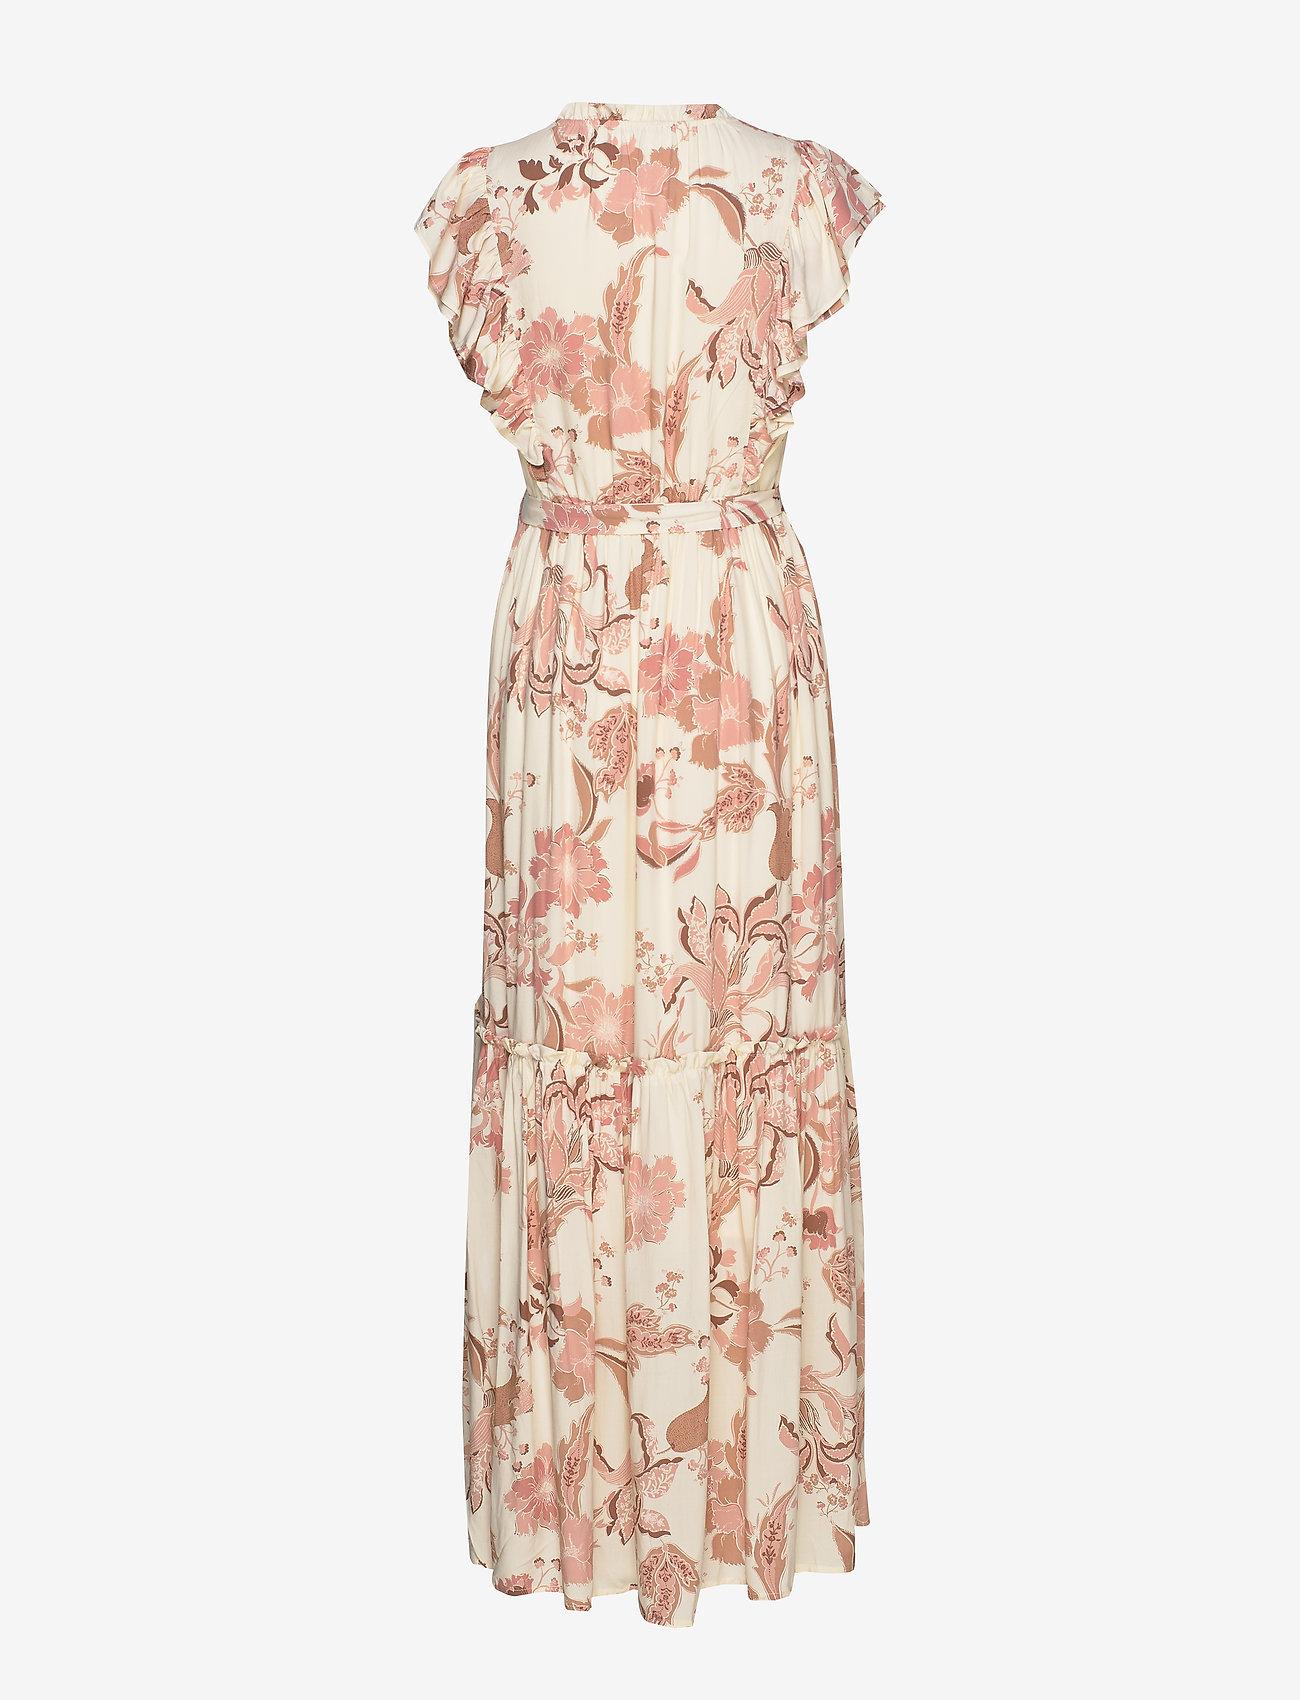 Sofie Schnoor Dress - Sukienki OFF WHITE - Kobiety Odzież.